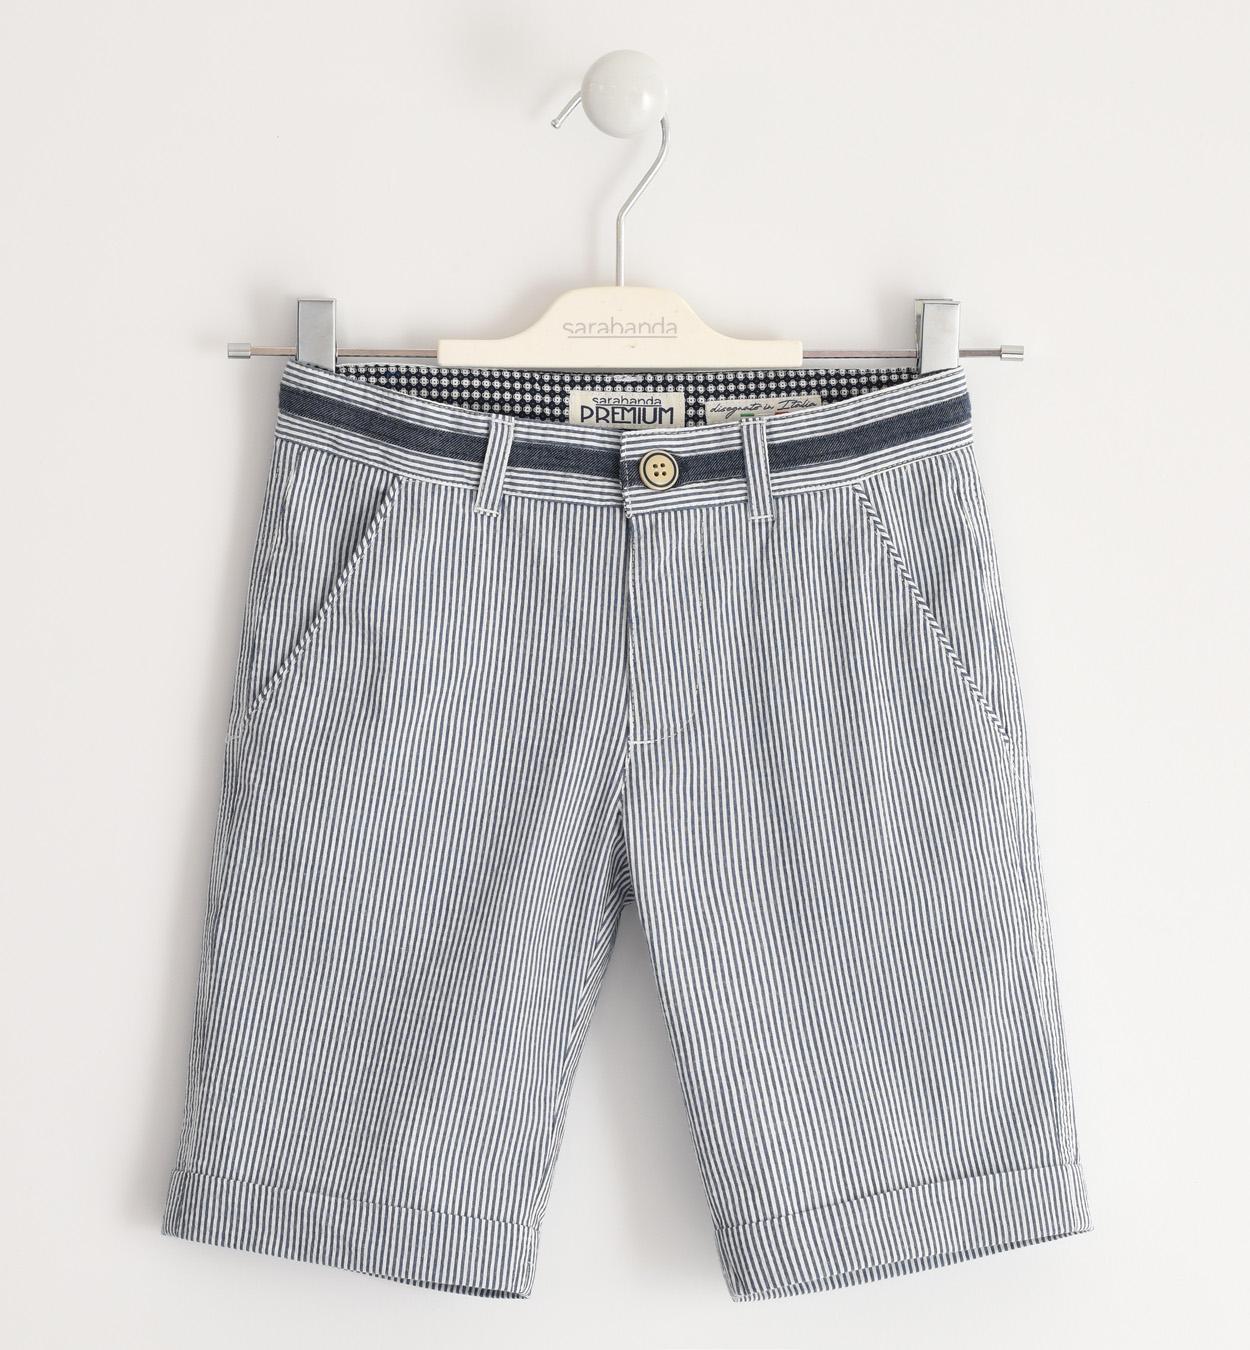 Sarabanda kék csíkos fiú bermuda nadrág